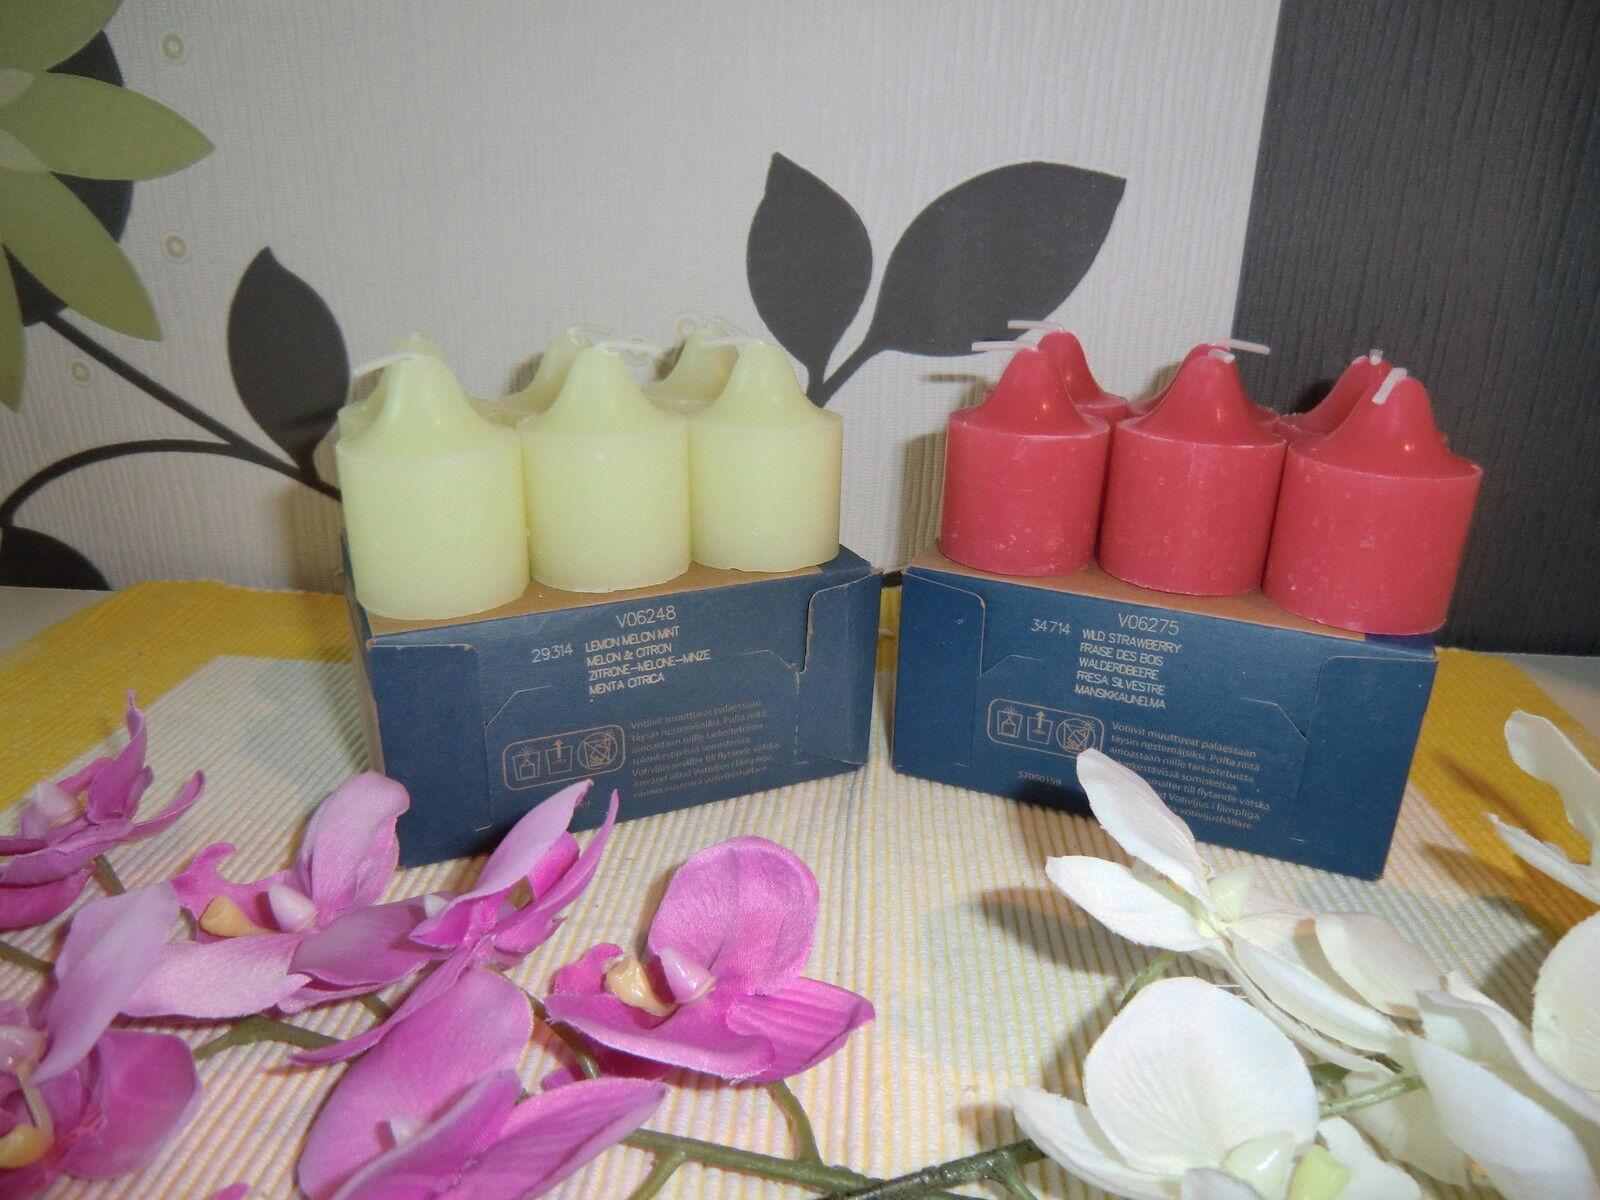 PartyLite Teelichter Heisse Maroni 12 TEELICHTER